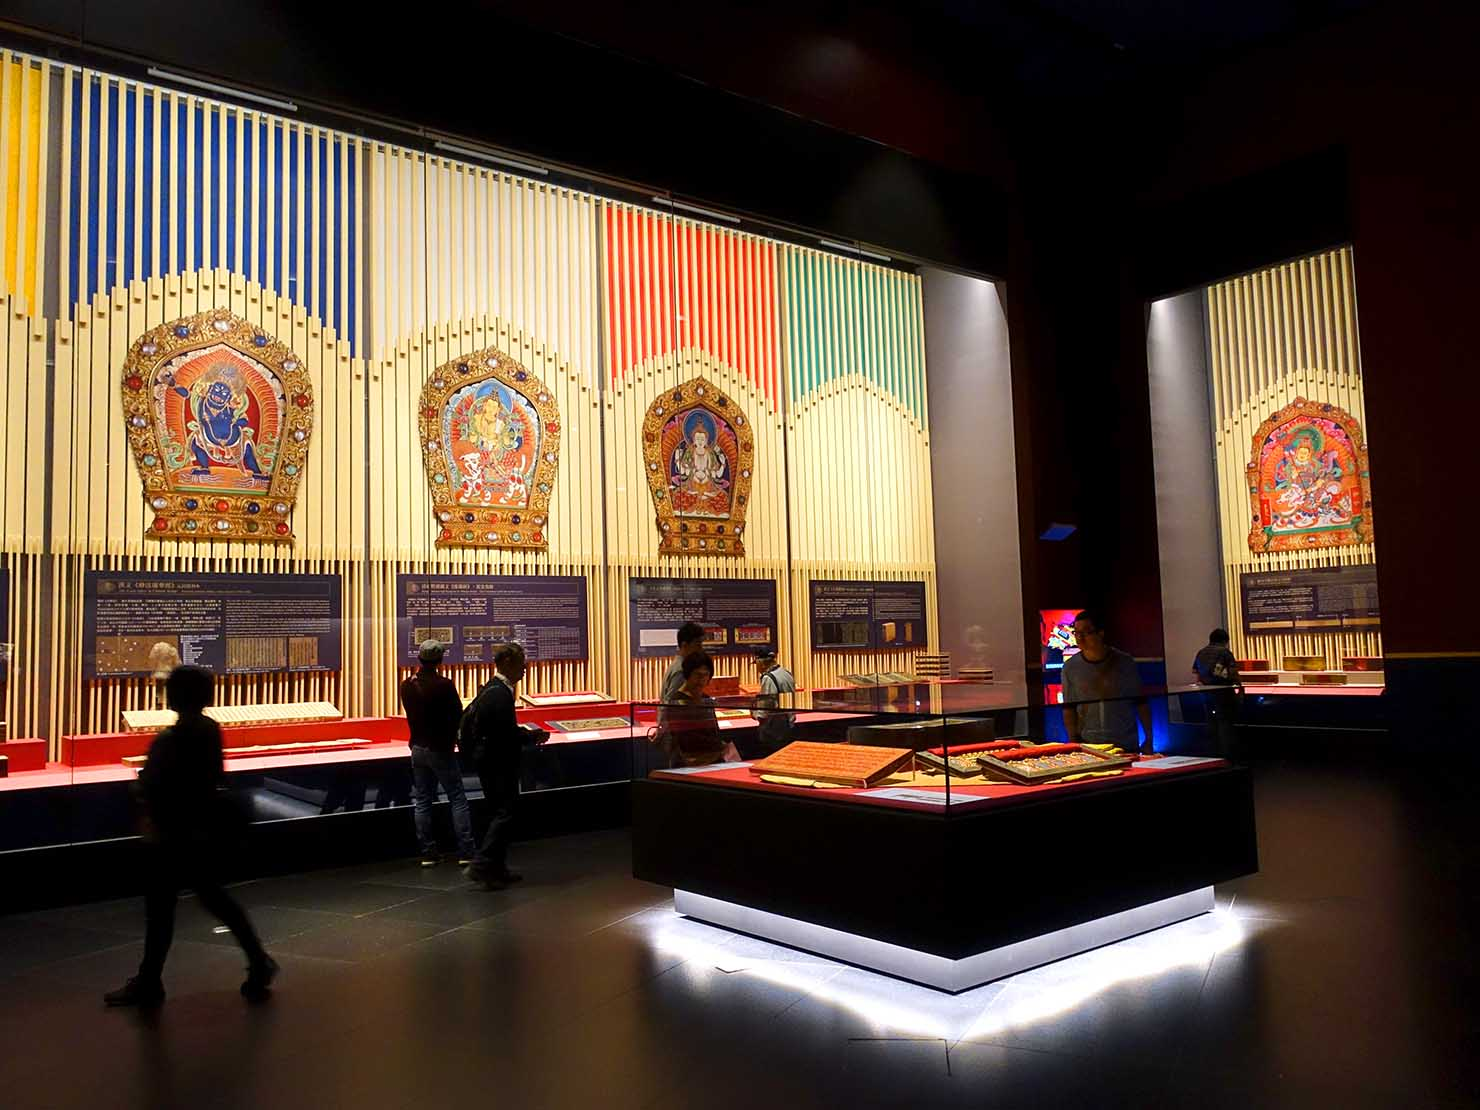 嘉義のおすすめ観光スポット「故宮南院」の展示フロア